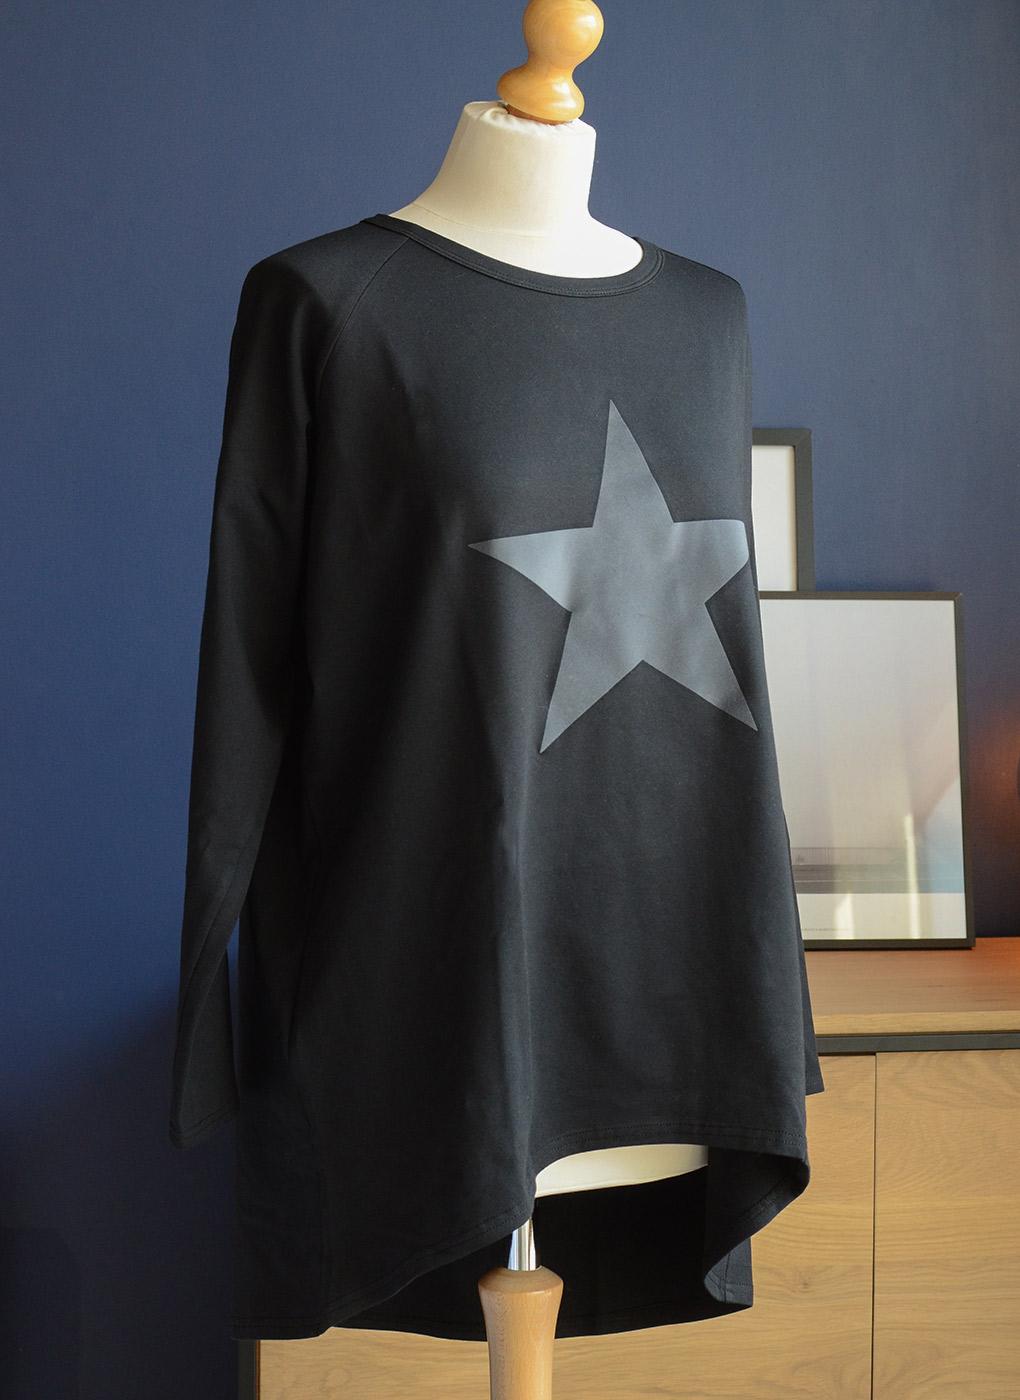 large-star-lounge-top-grey-&-black